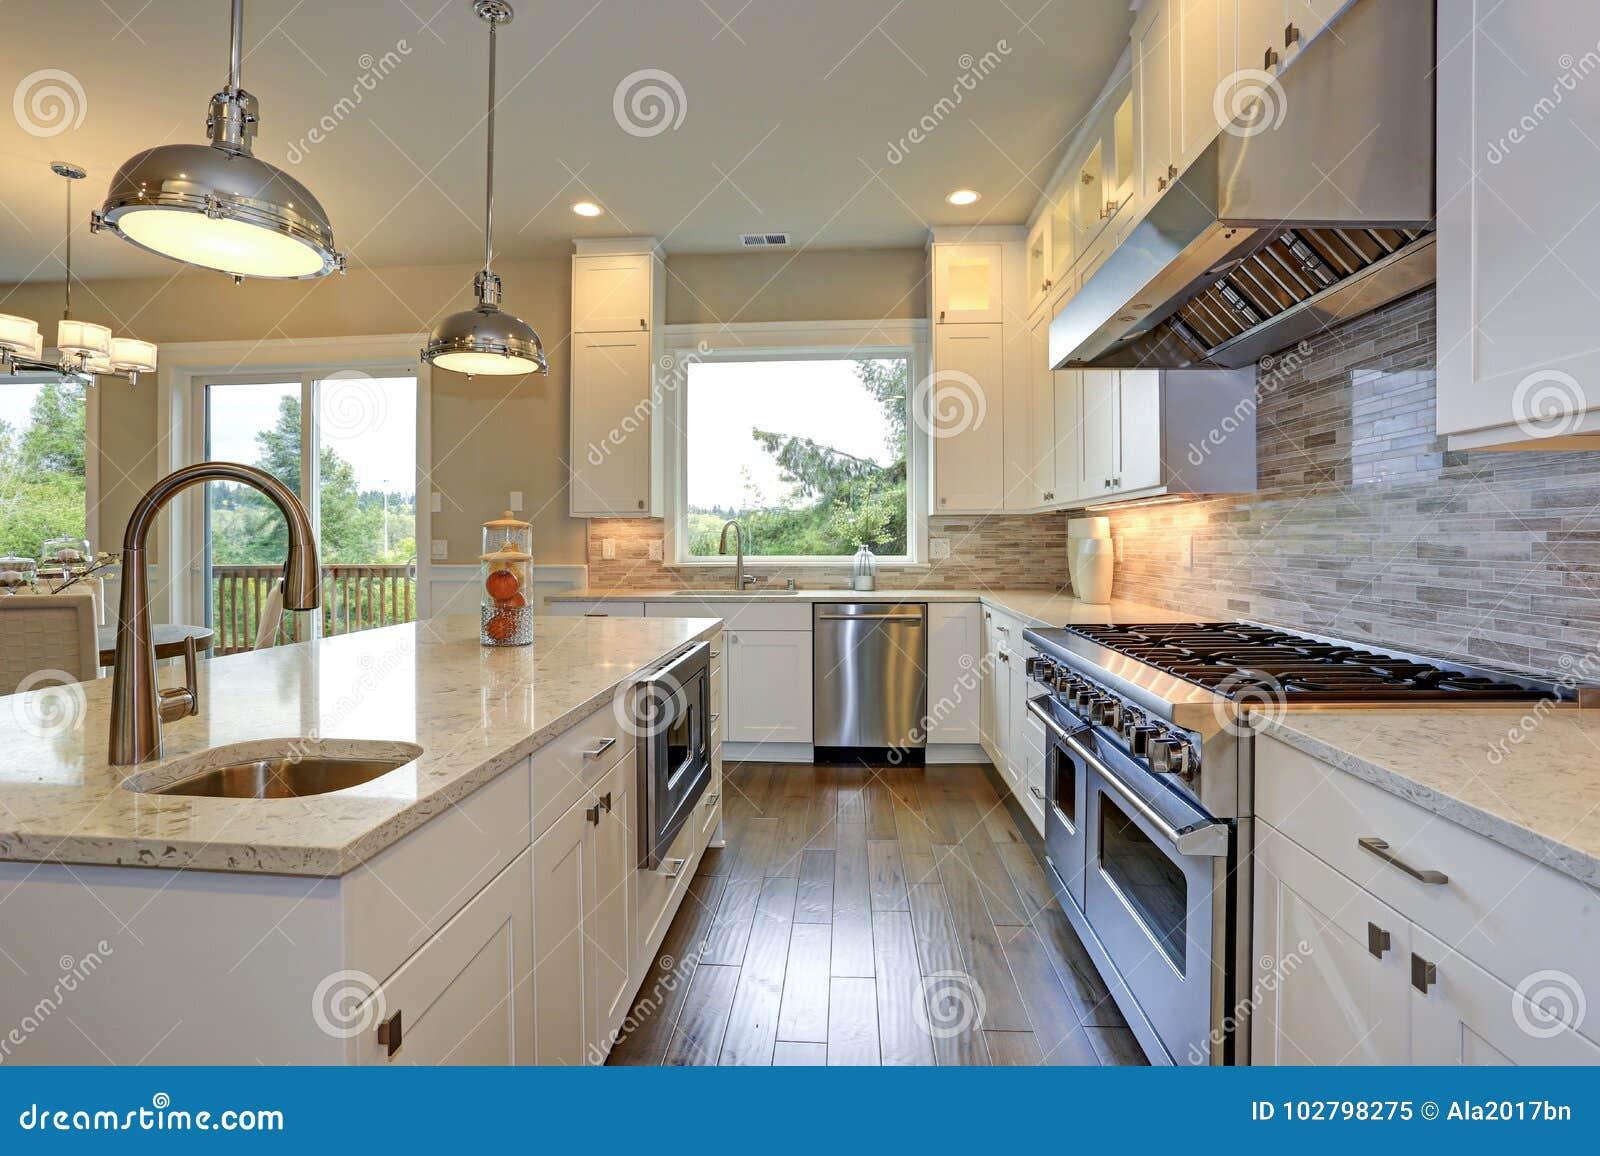 Luxury White Kitchen With Large Kitchen Island. Stock Image ...